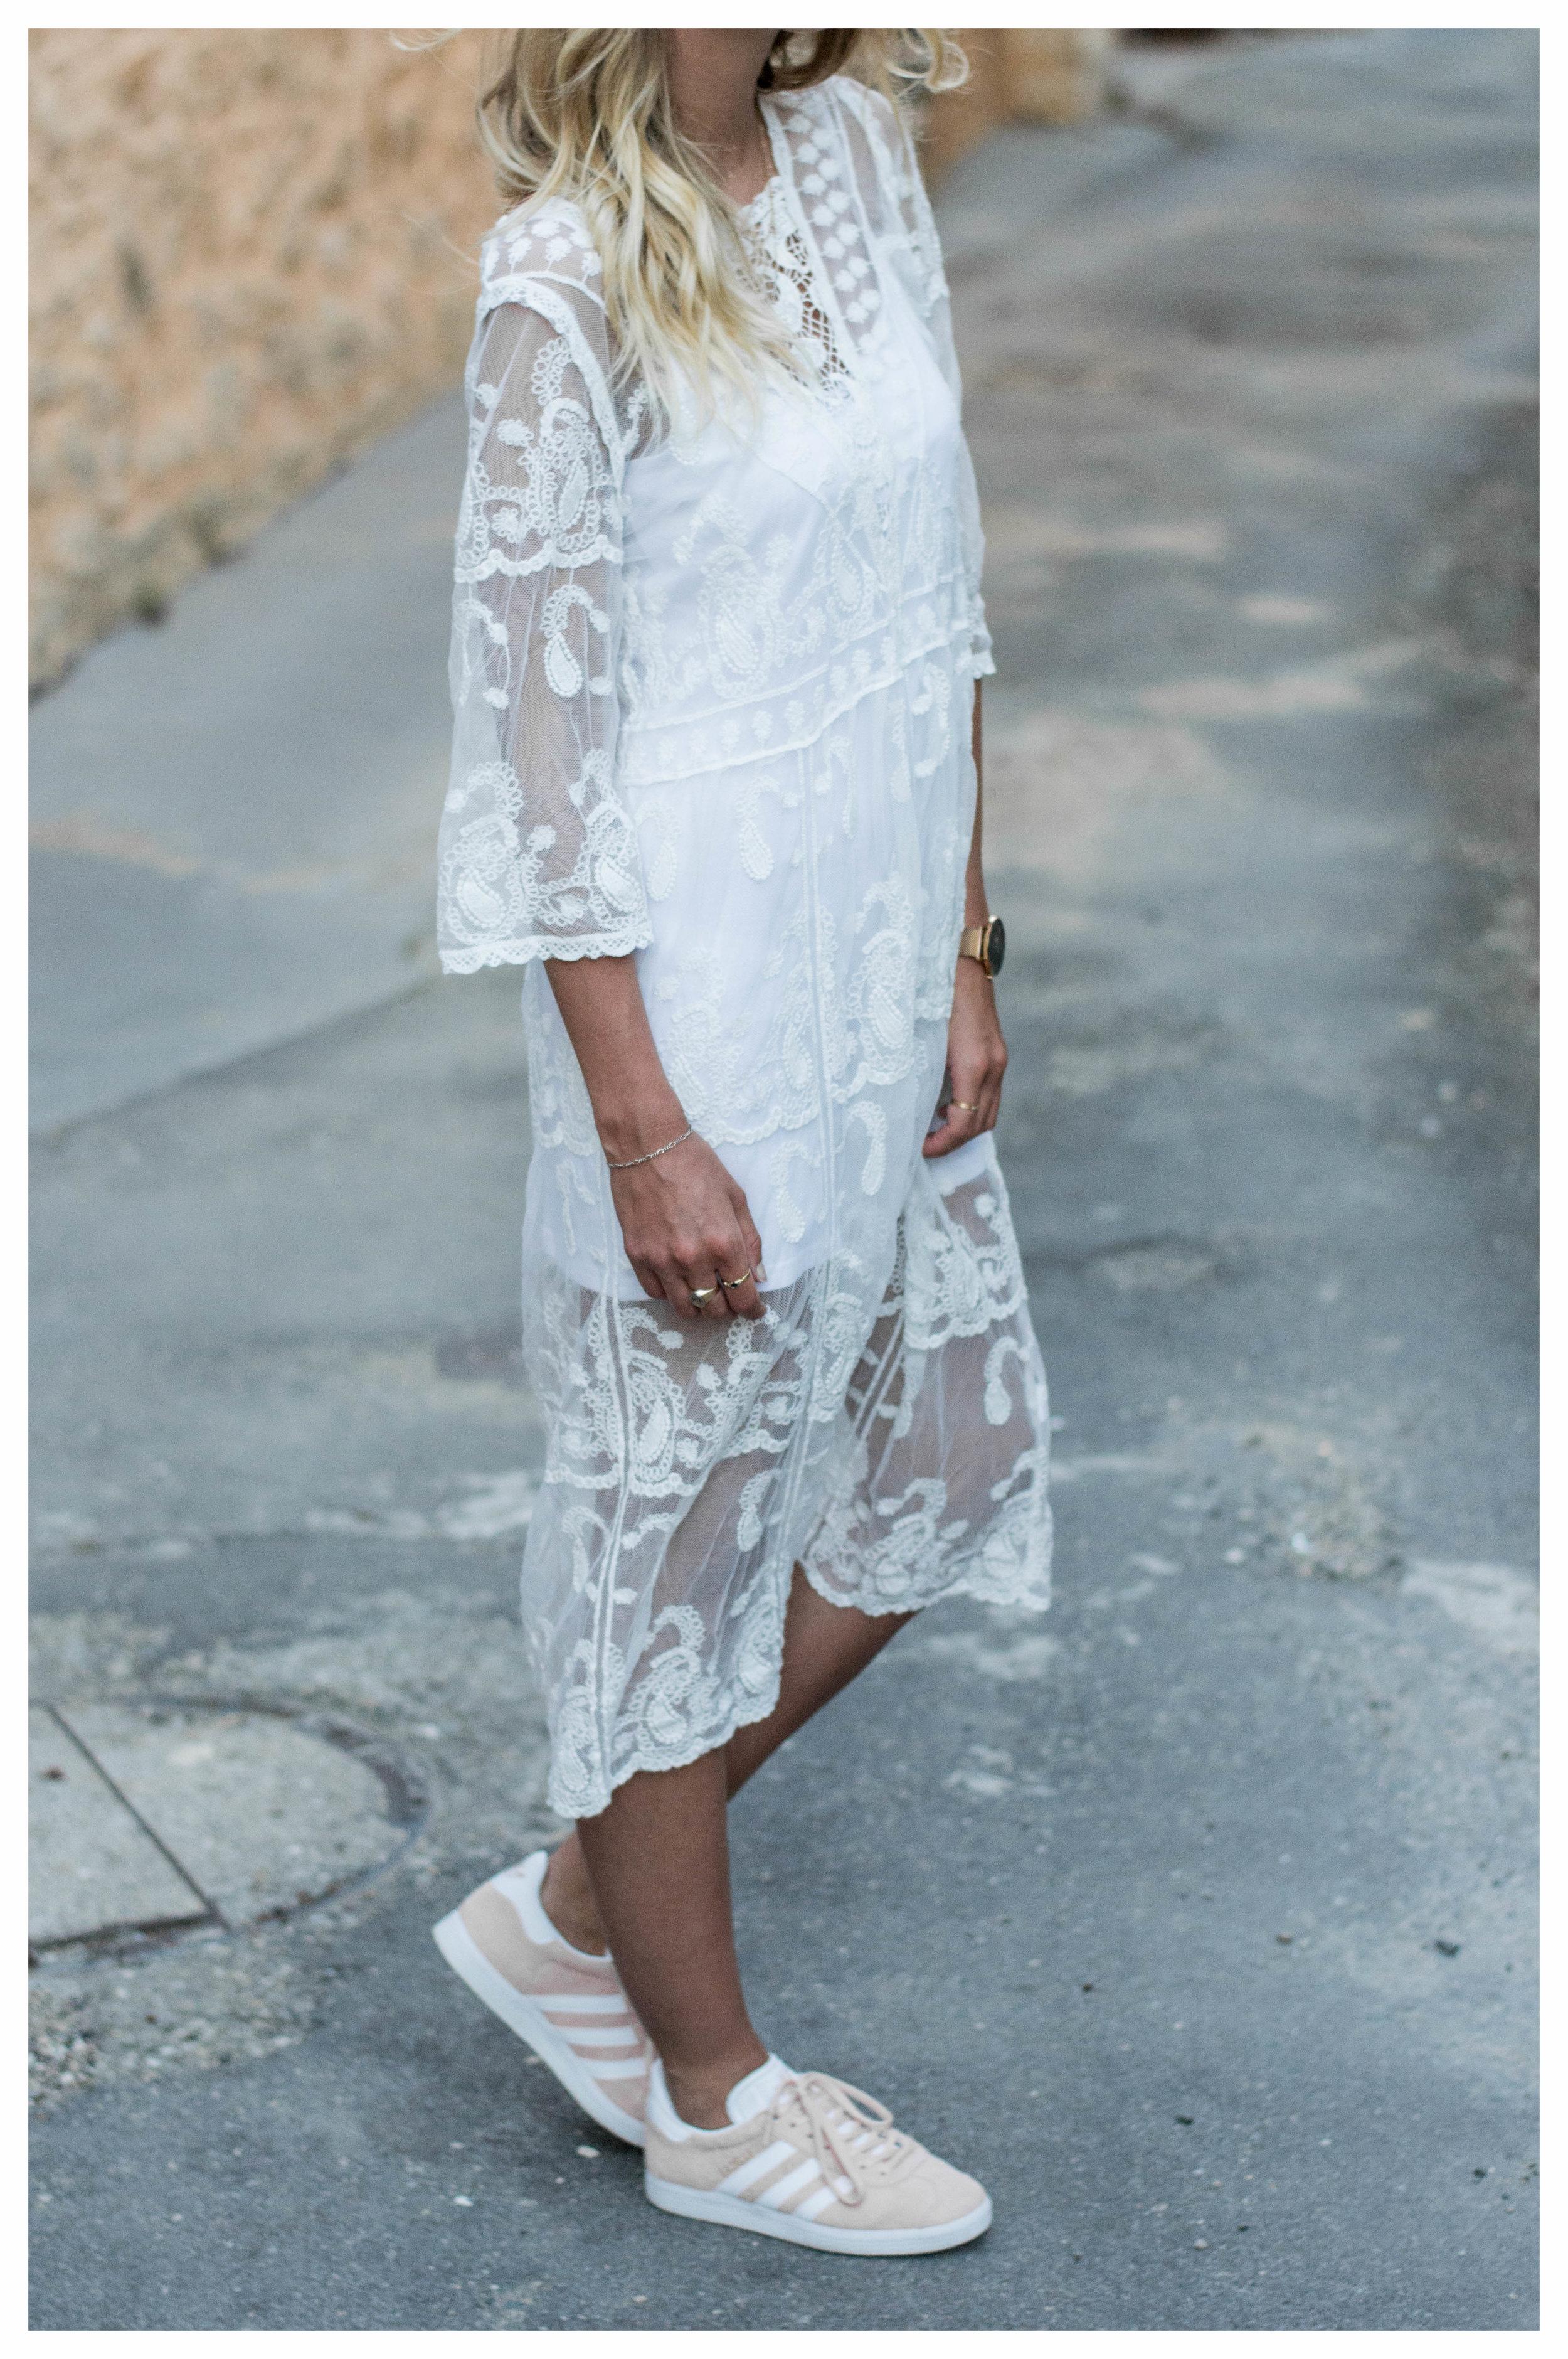 Cornillon White Dress June - OSIARAH.COM (23 of 27).jpg